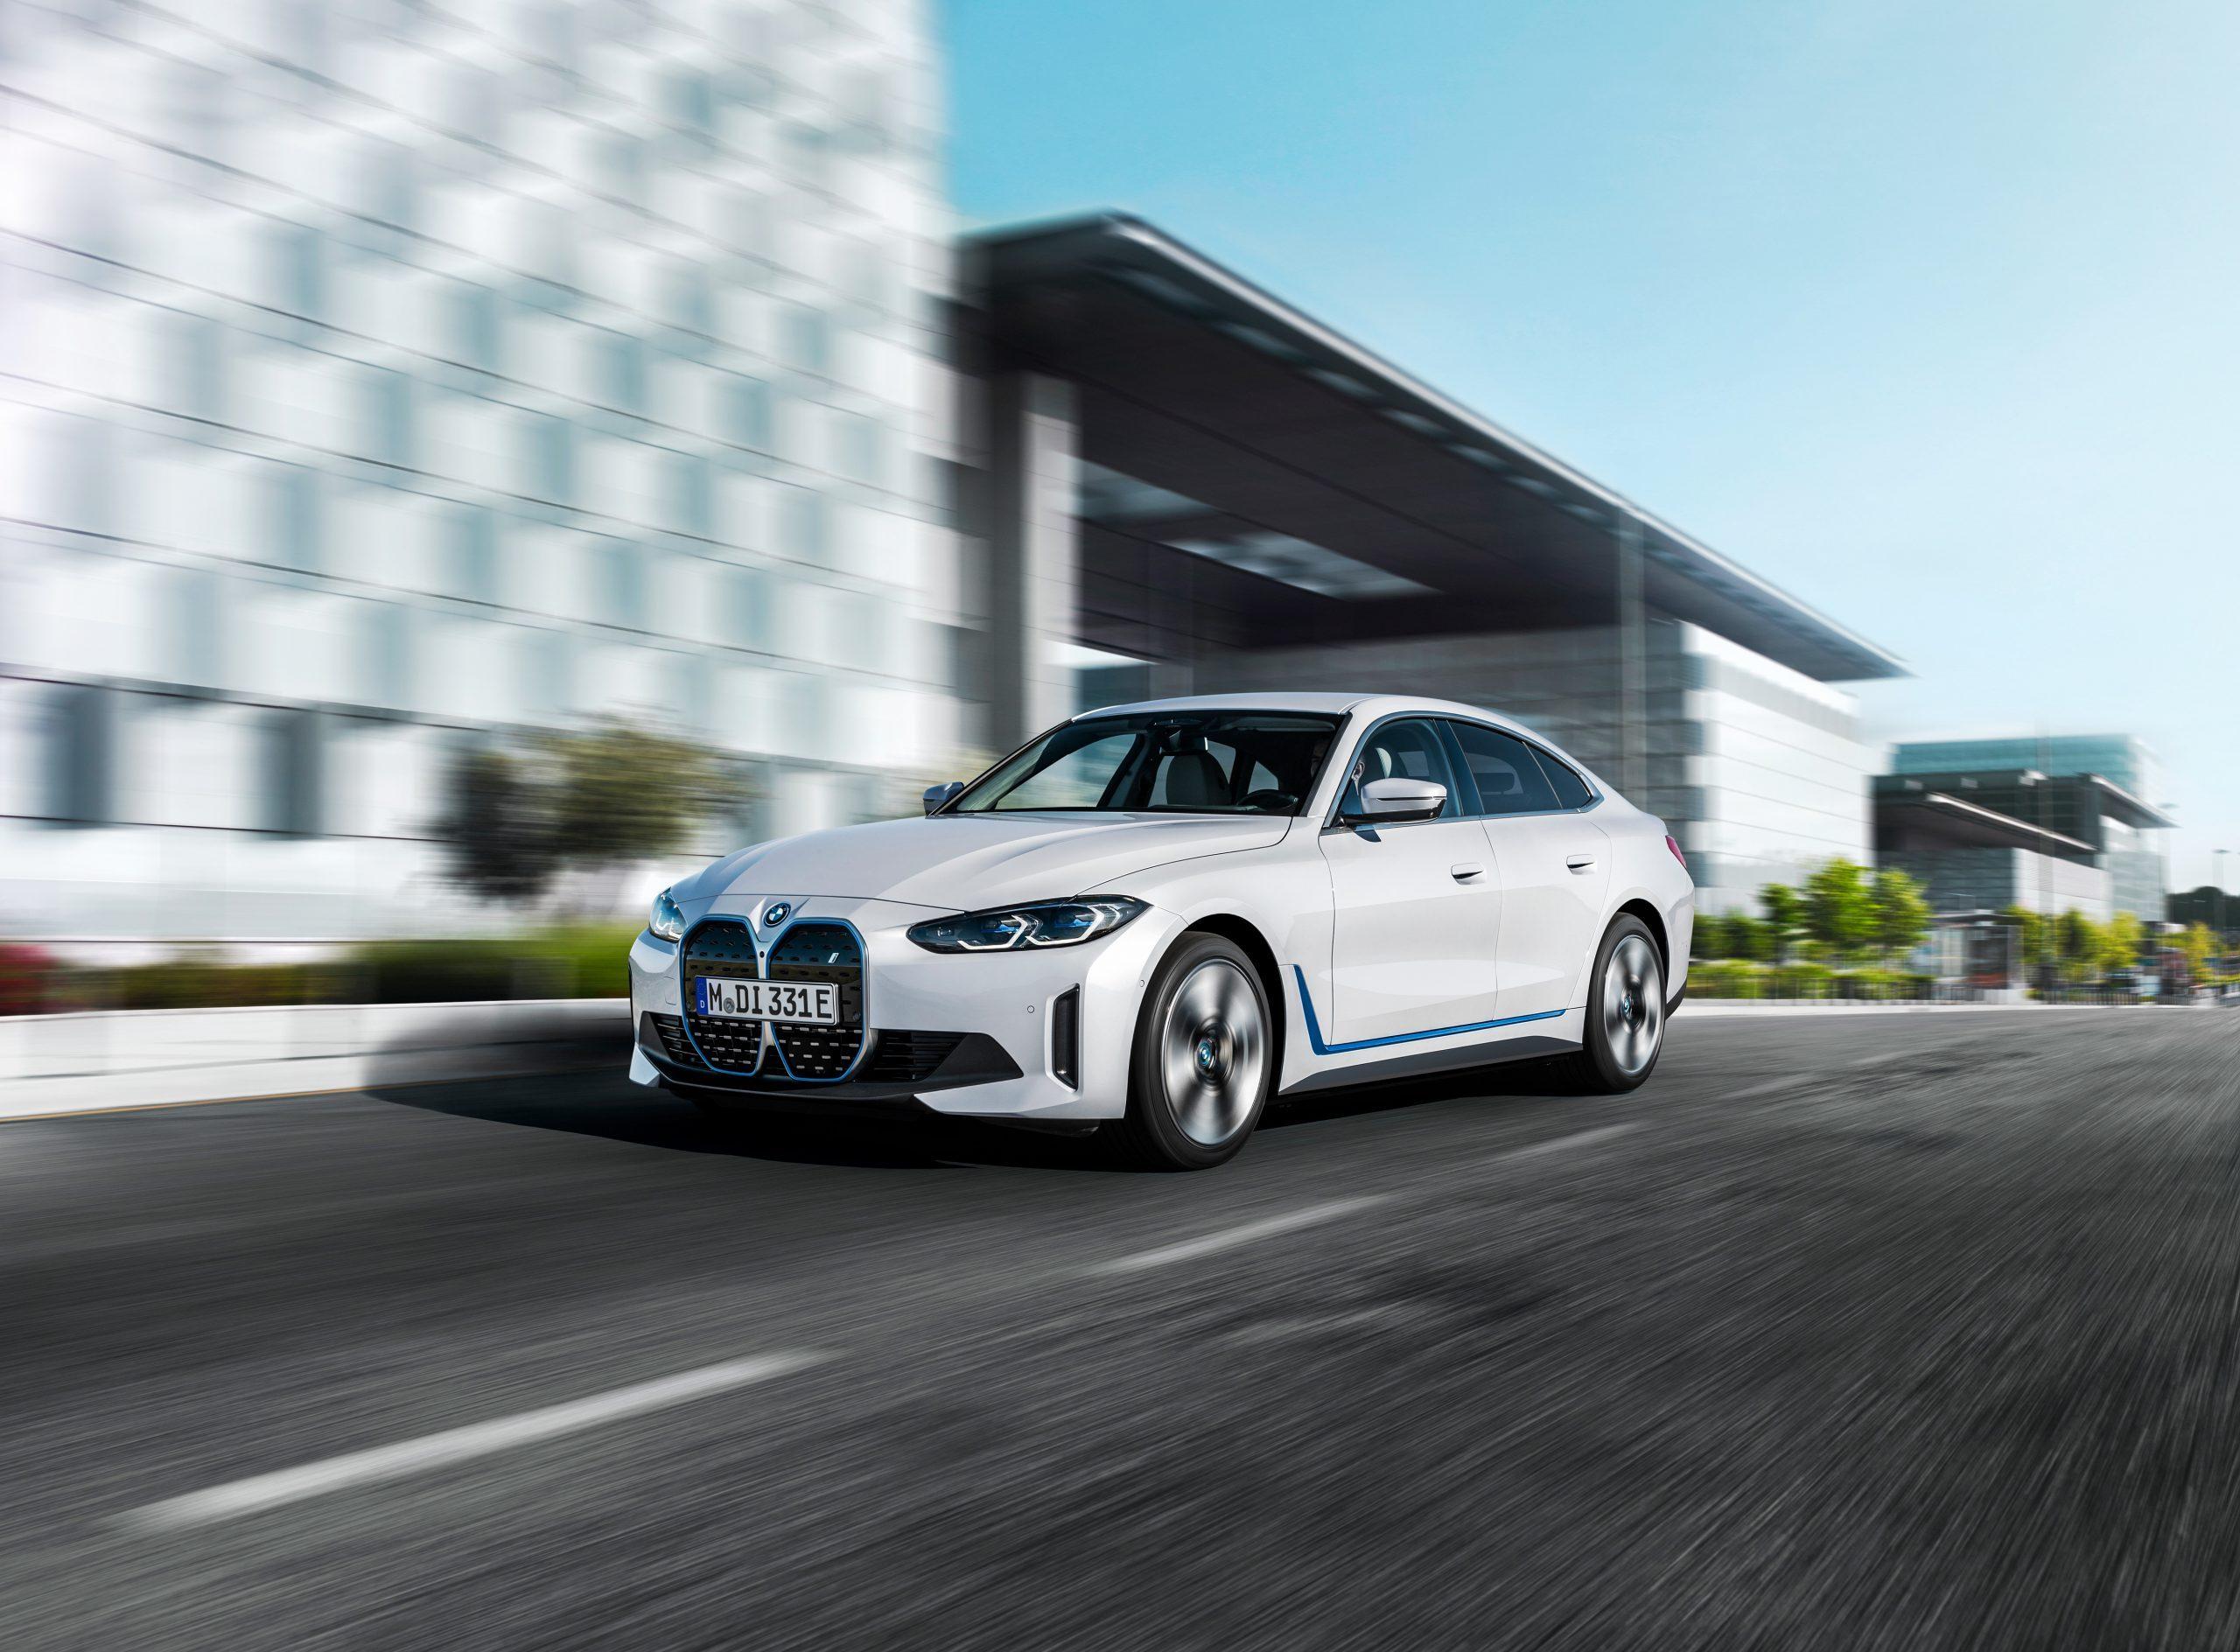 2022 BMW i4 eDrive40 rolling front 3q